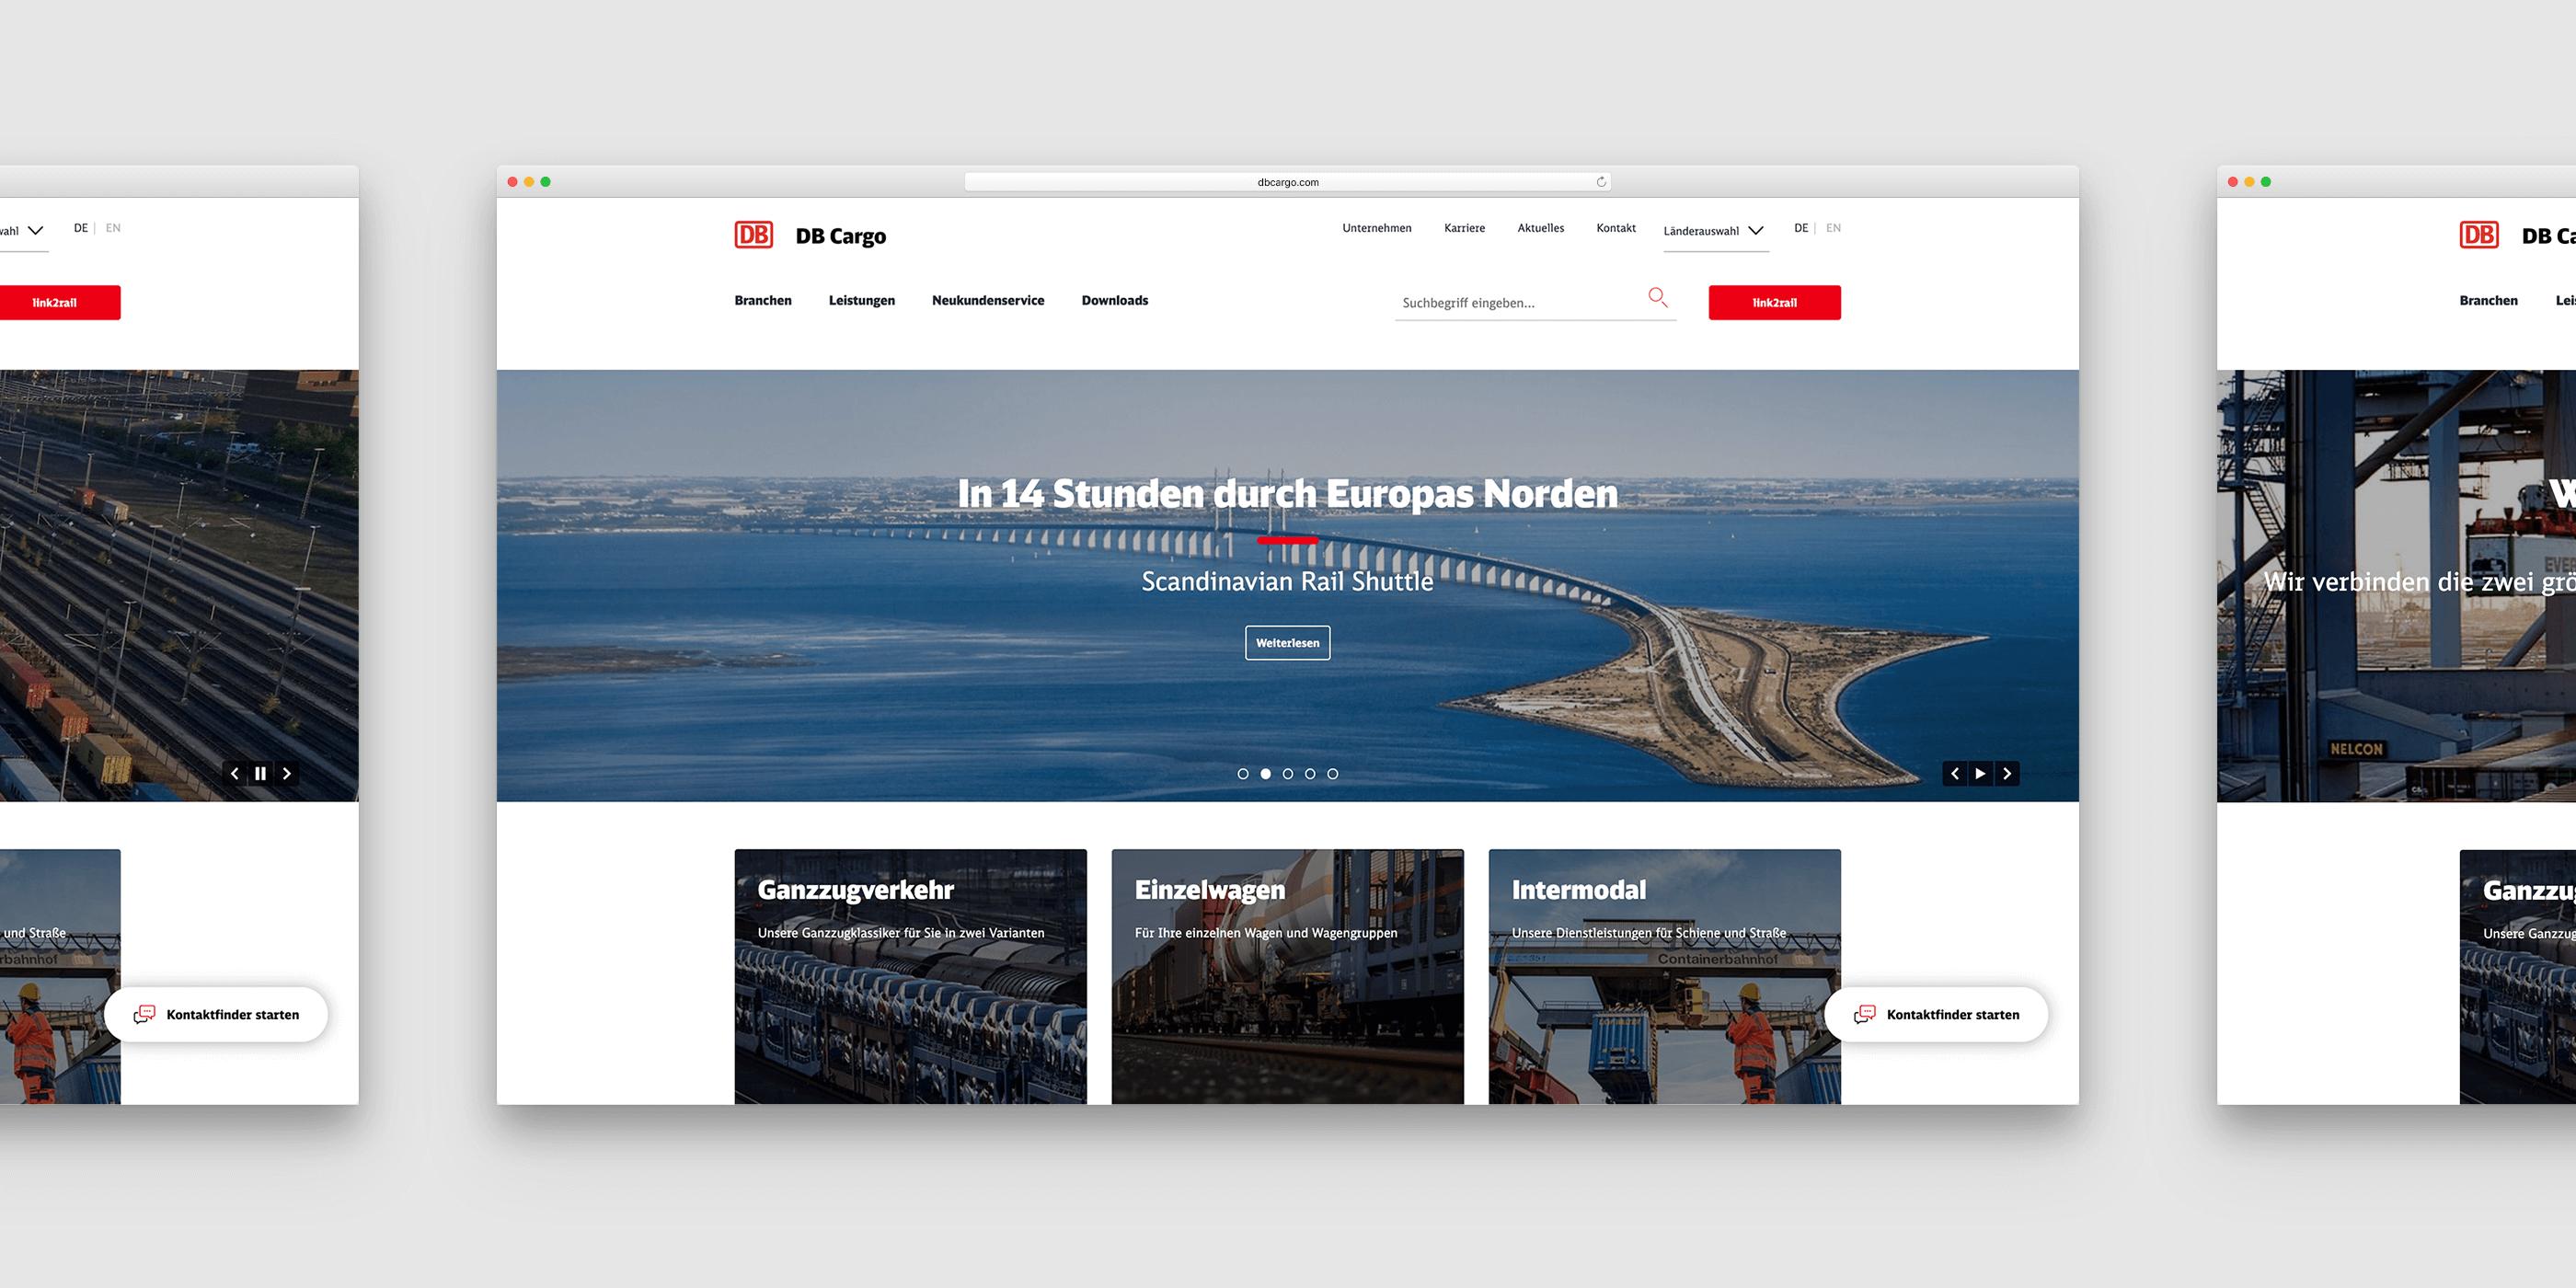 Transportweg über eine Brücke zwischen Dänemark und Schweden